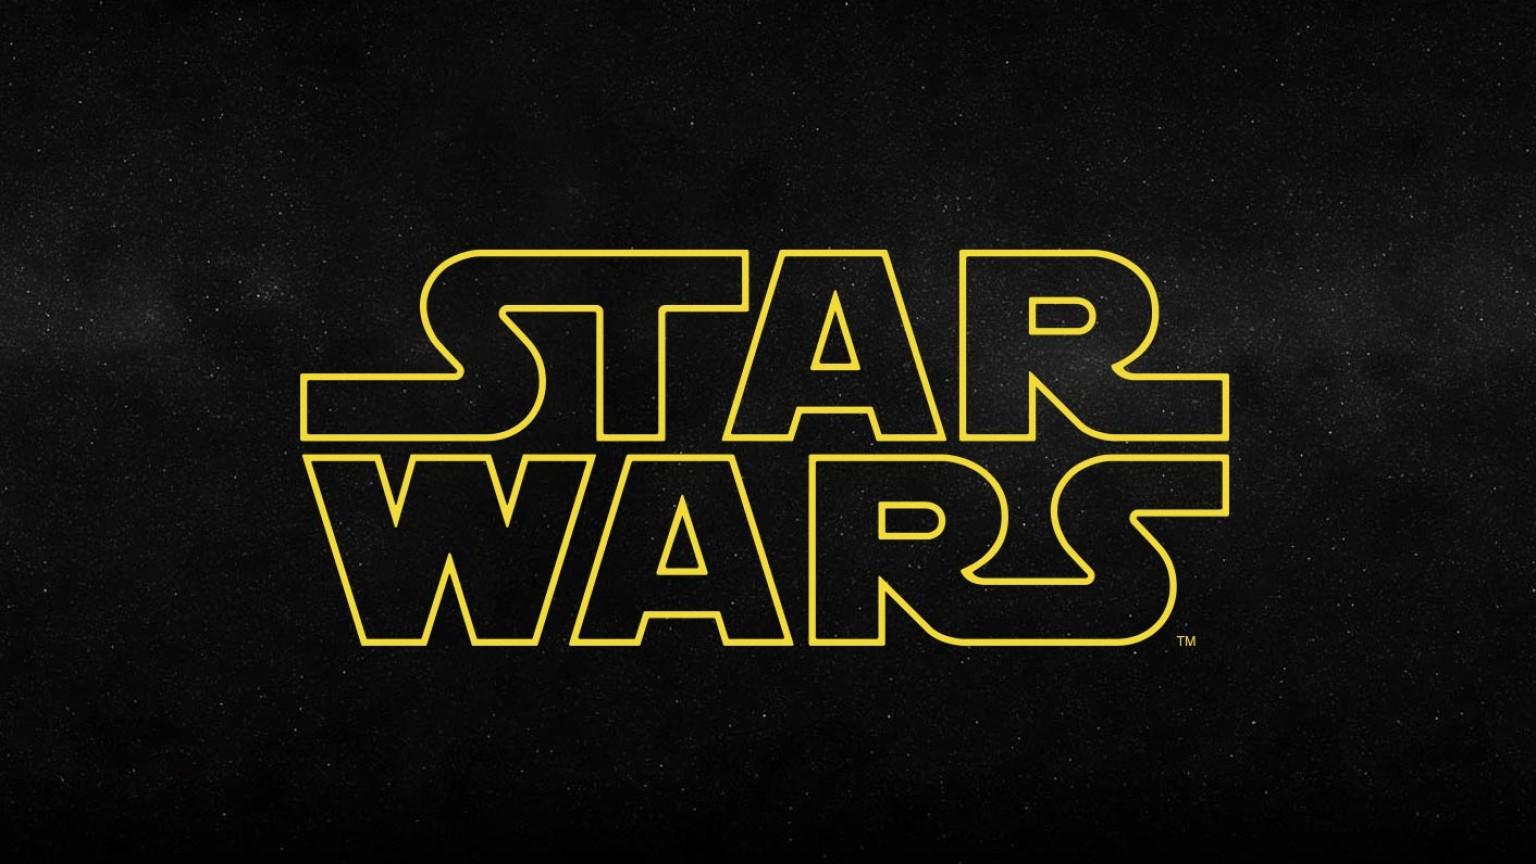 Star Wars Episode VIII Set Photos Leak